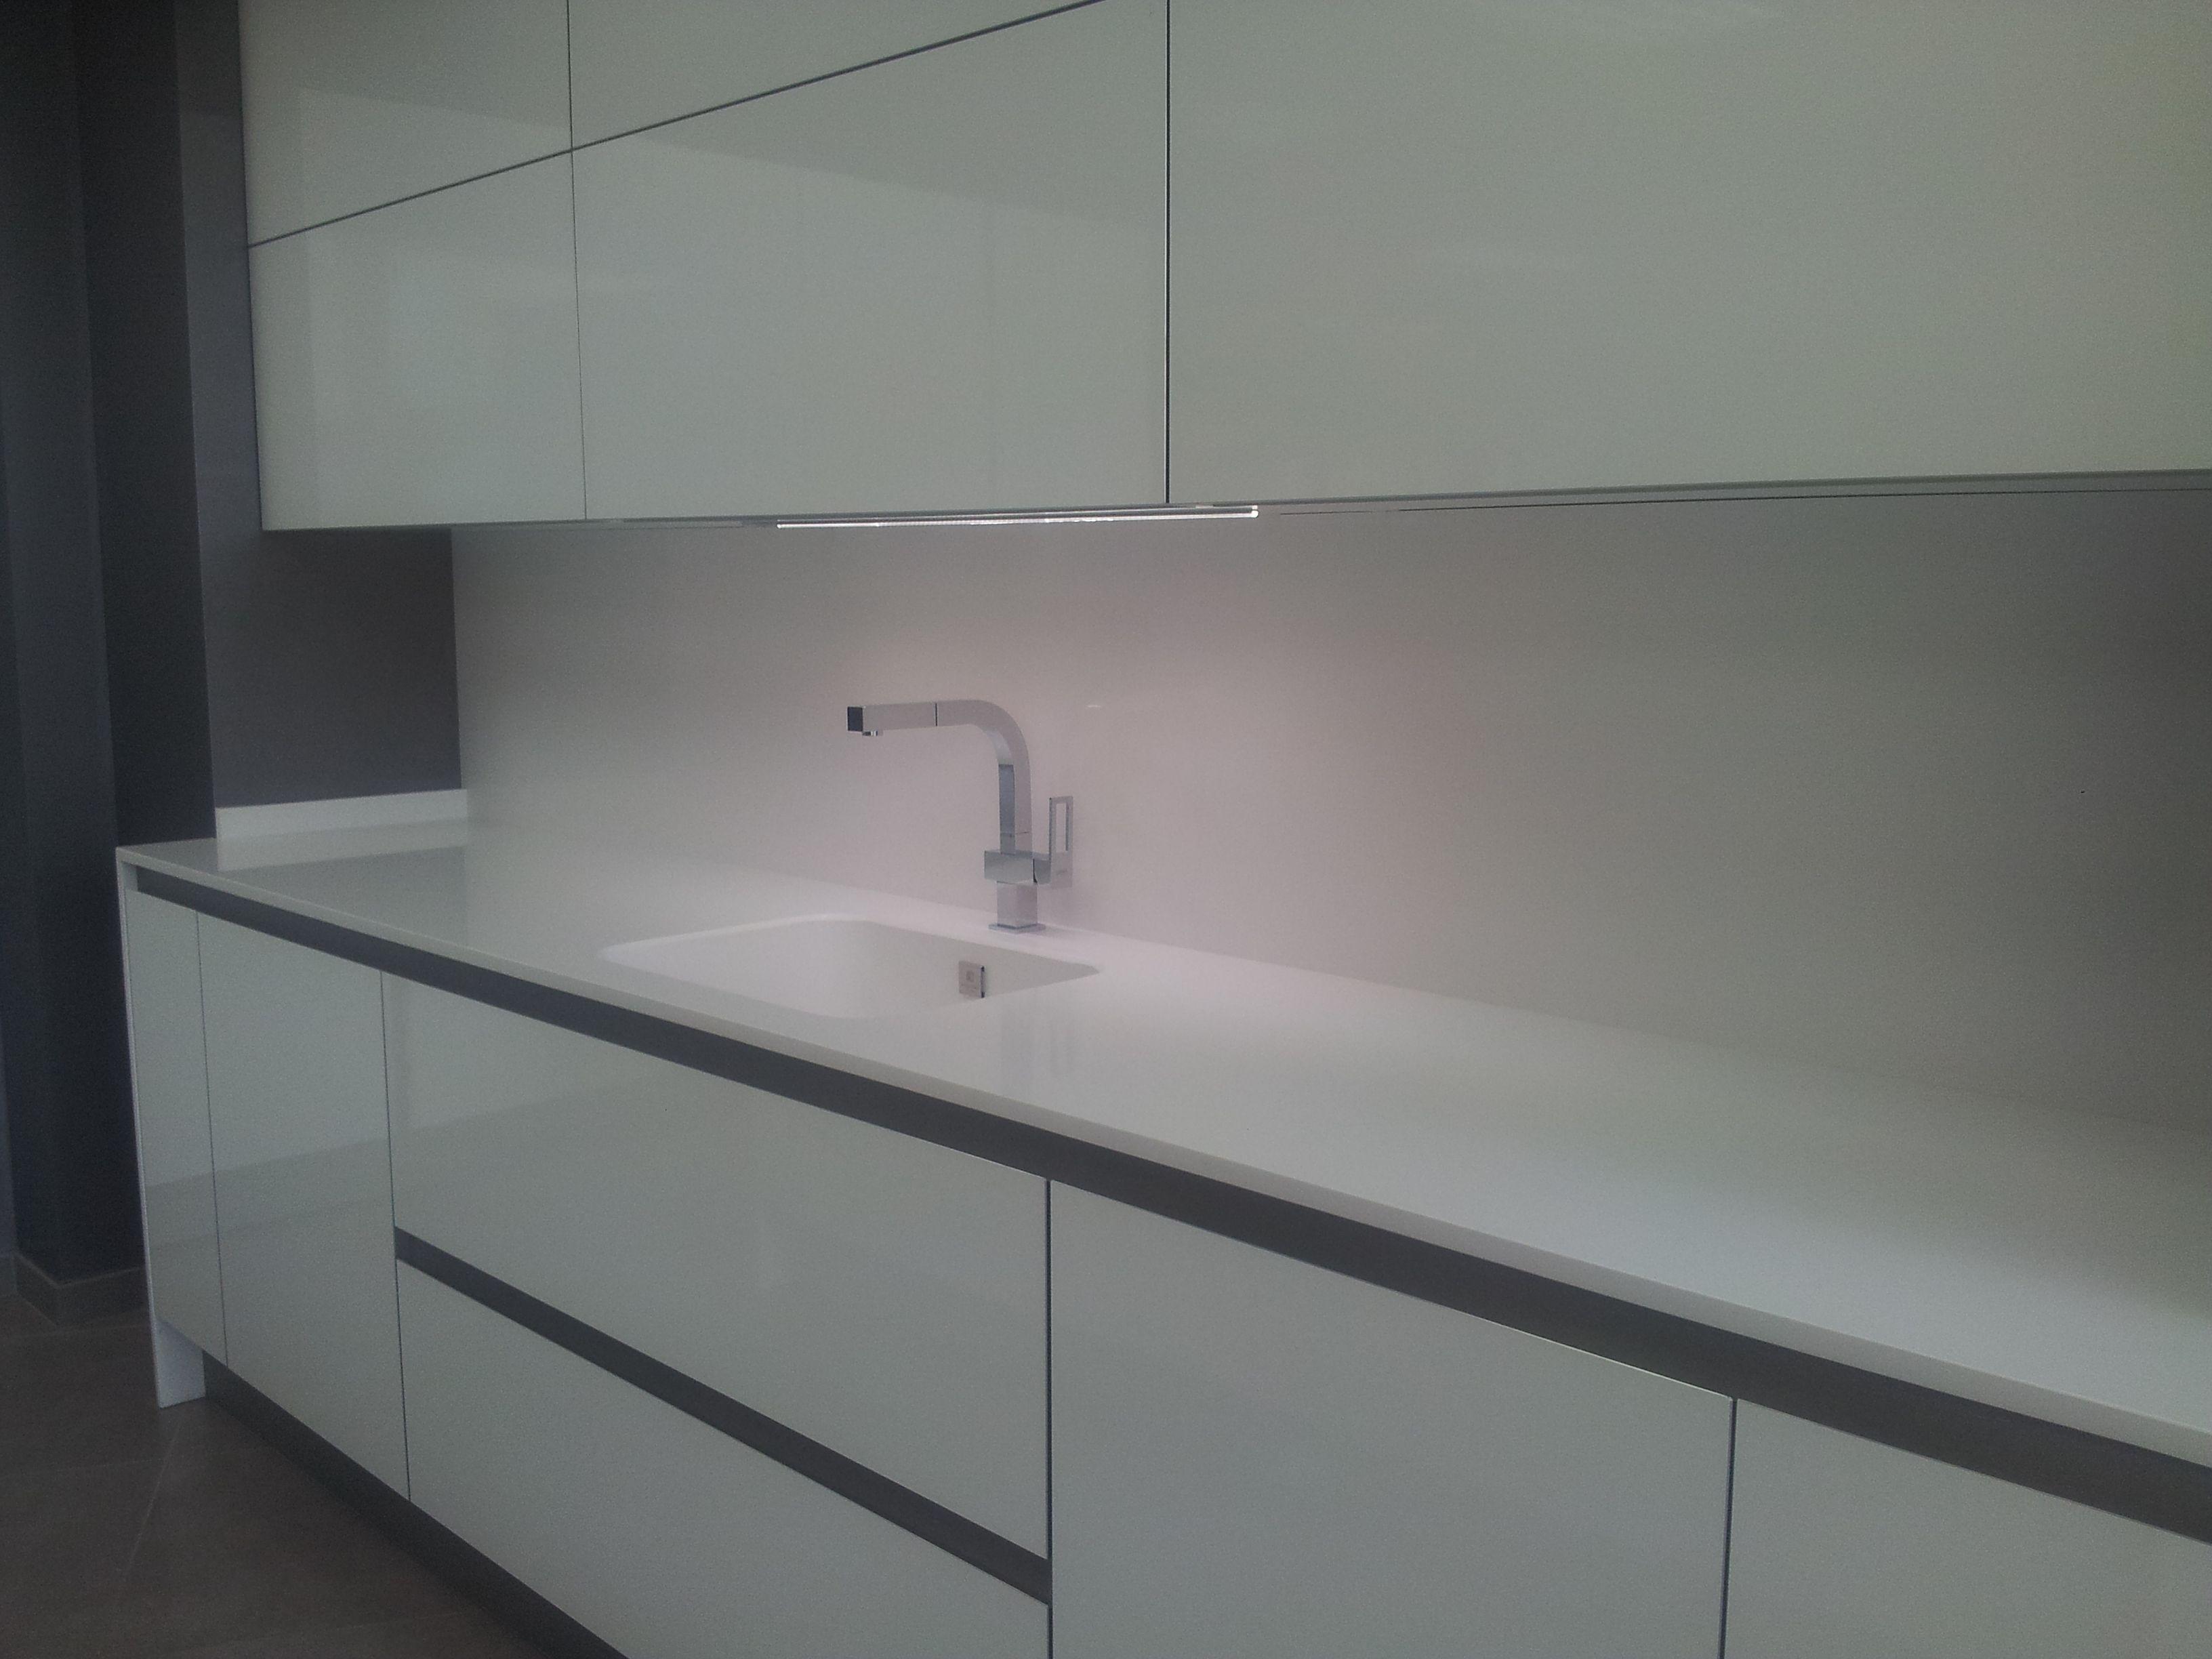 Encimera de cocina en silestone blanco zeus con fregadero - Precios de fregaderos ...